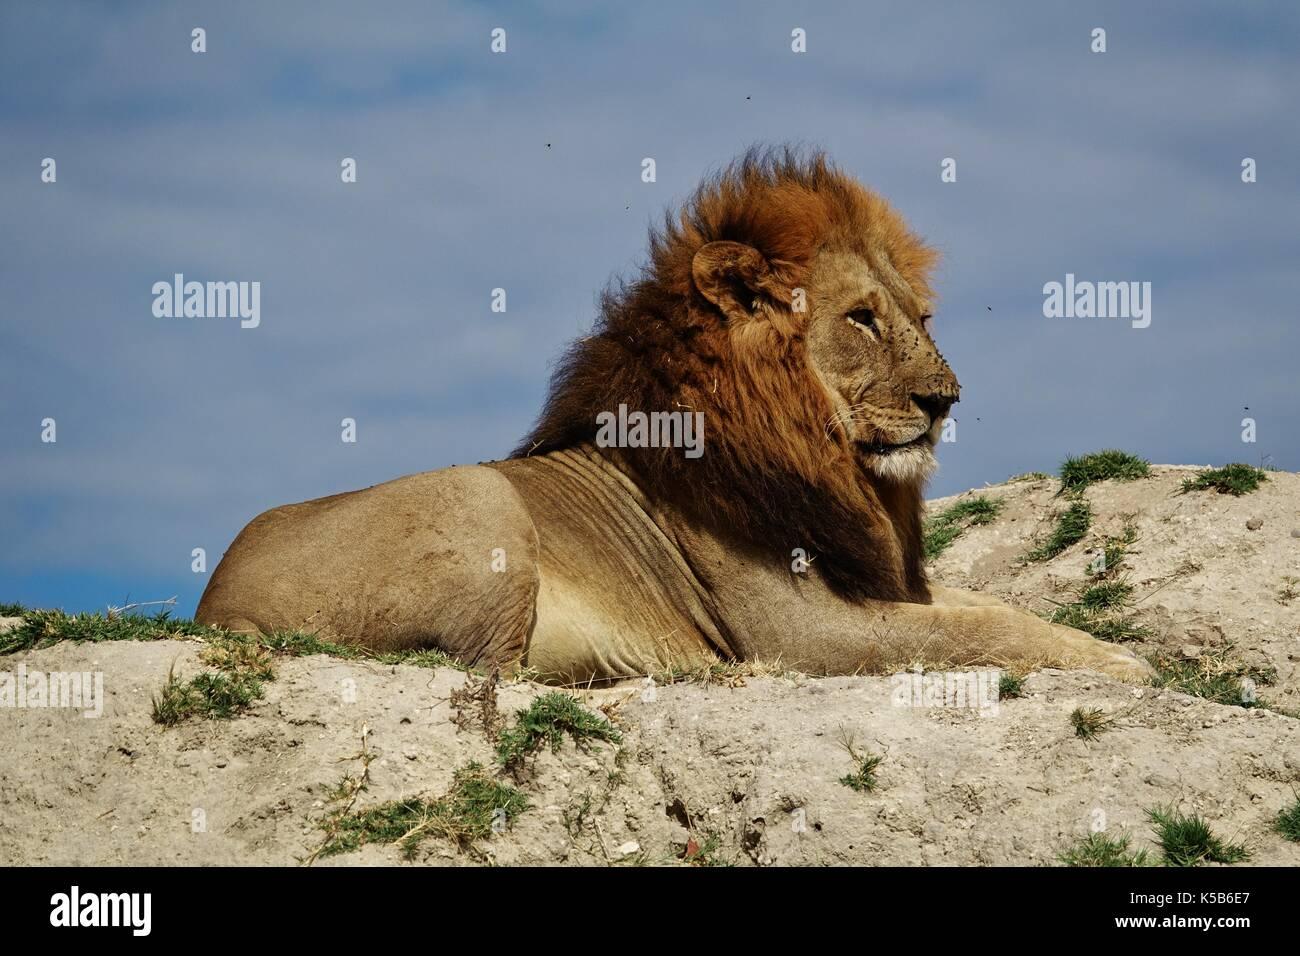 León macho grande sentado en hill Imagen De Stock